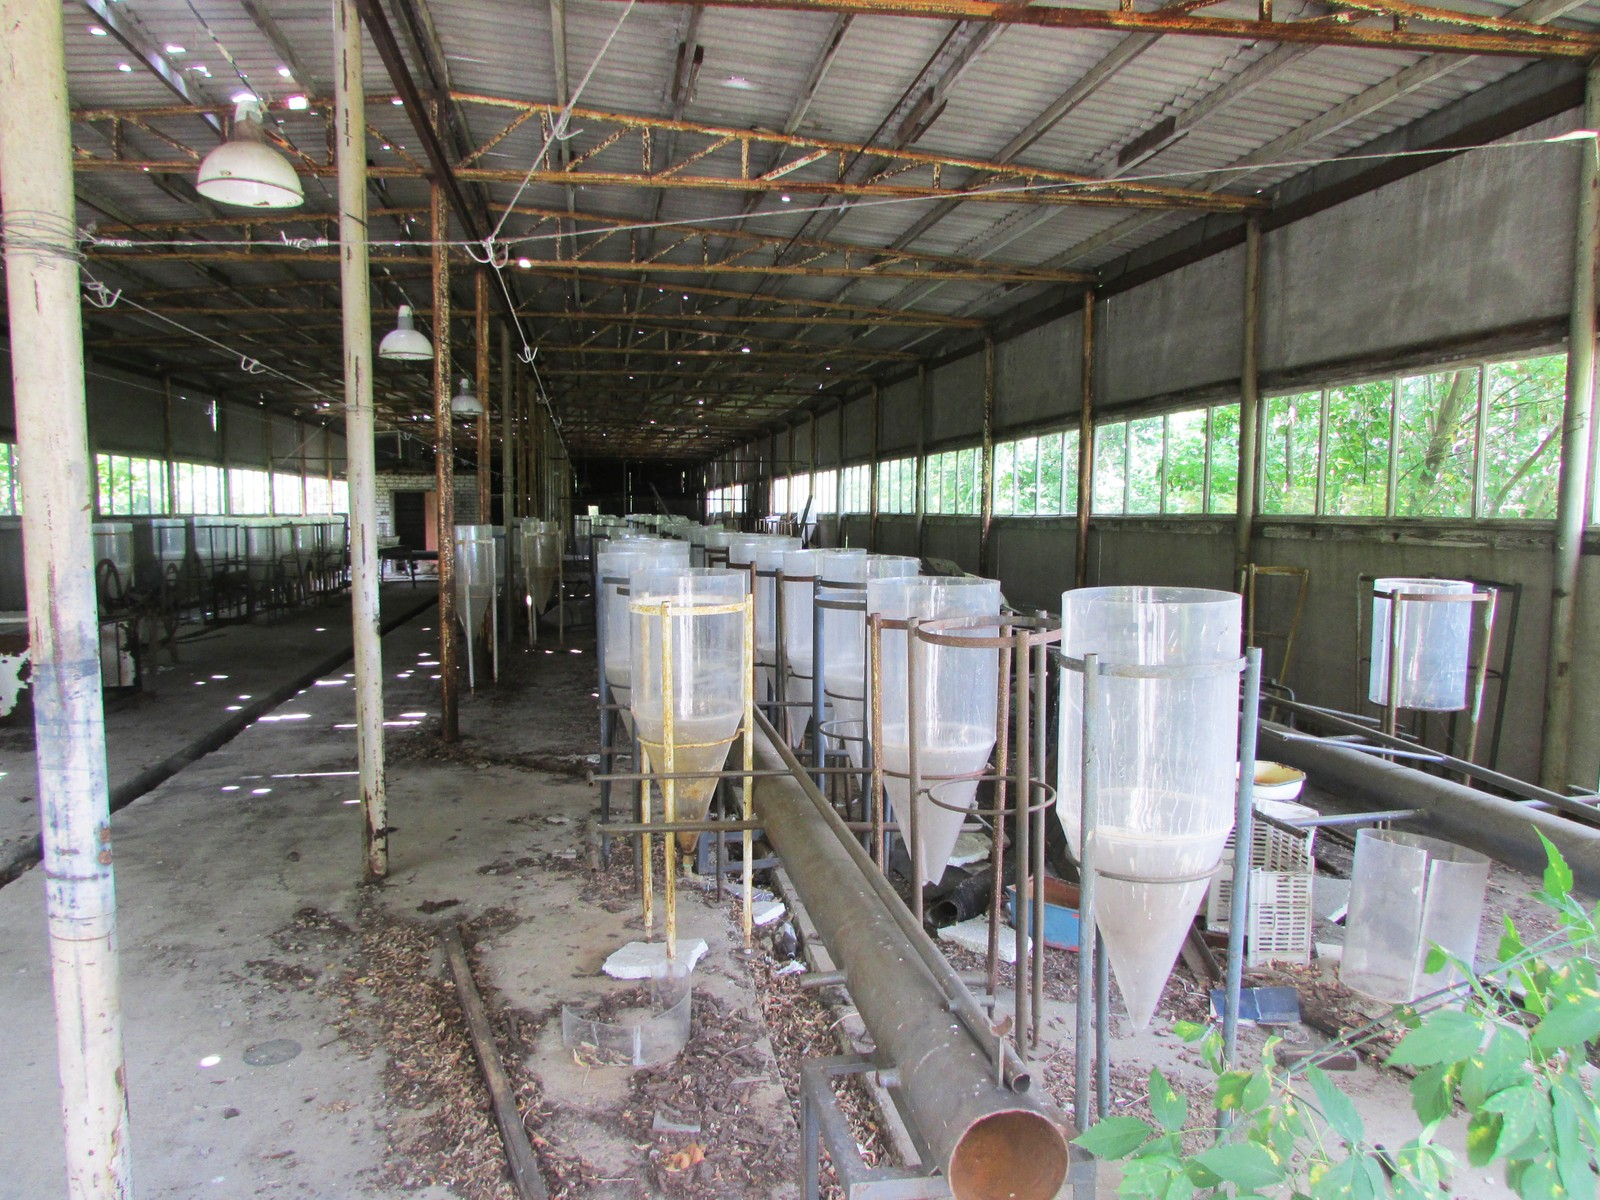 Etter ulykken i 1986 ble det opprettet en forskningsinstitusjon bare et par kilometer fra den ødelagte reaktoren for å undersøke konsekvensene for dyr og fisk.